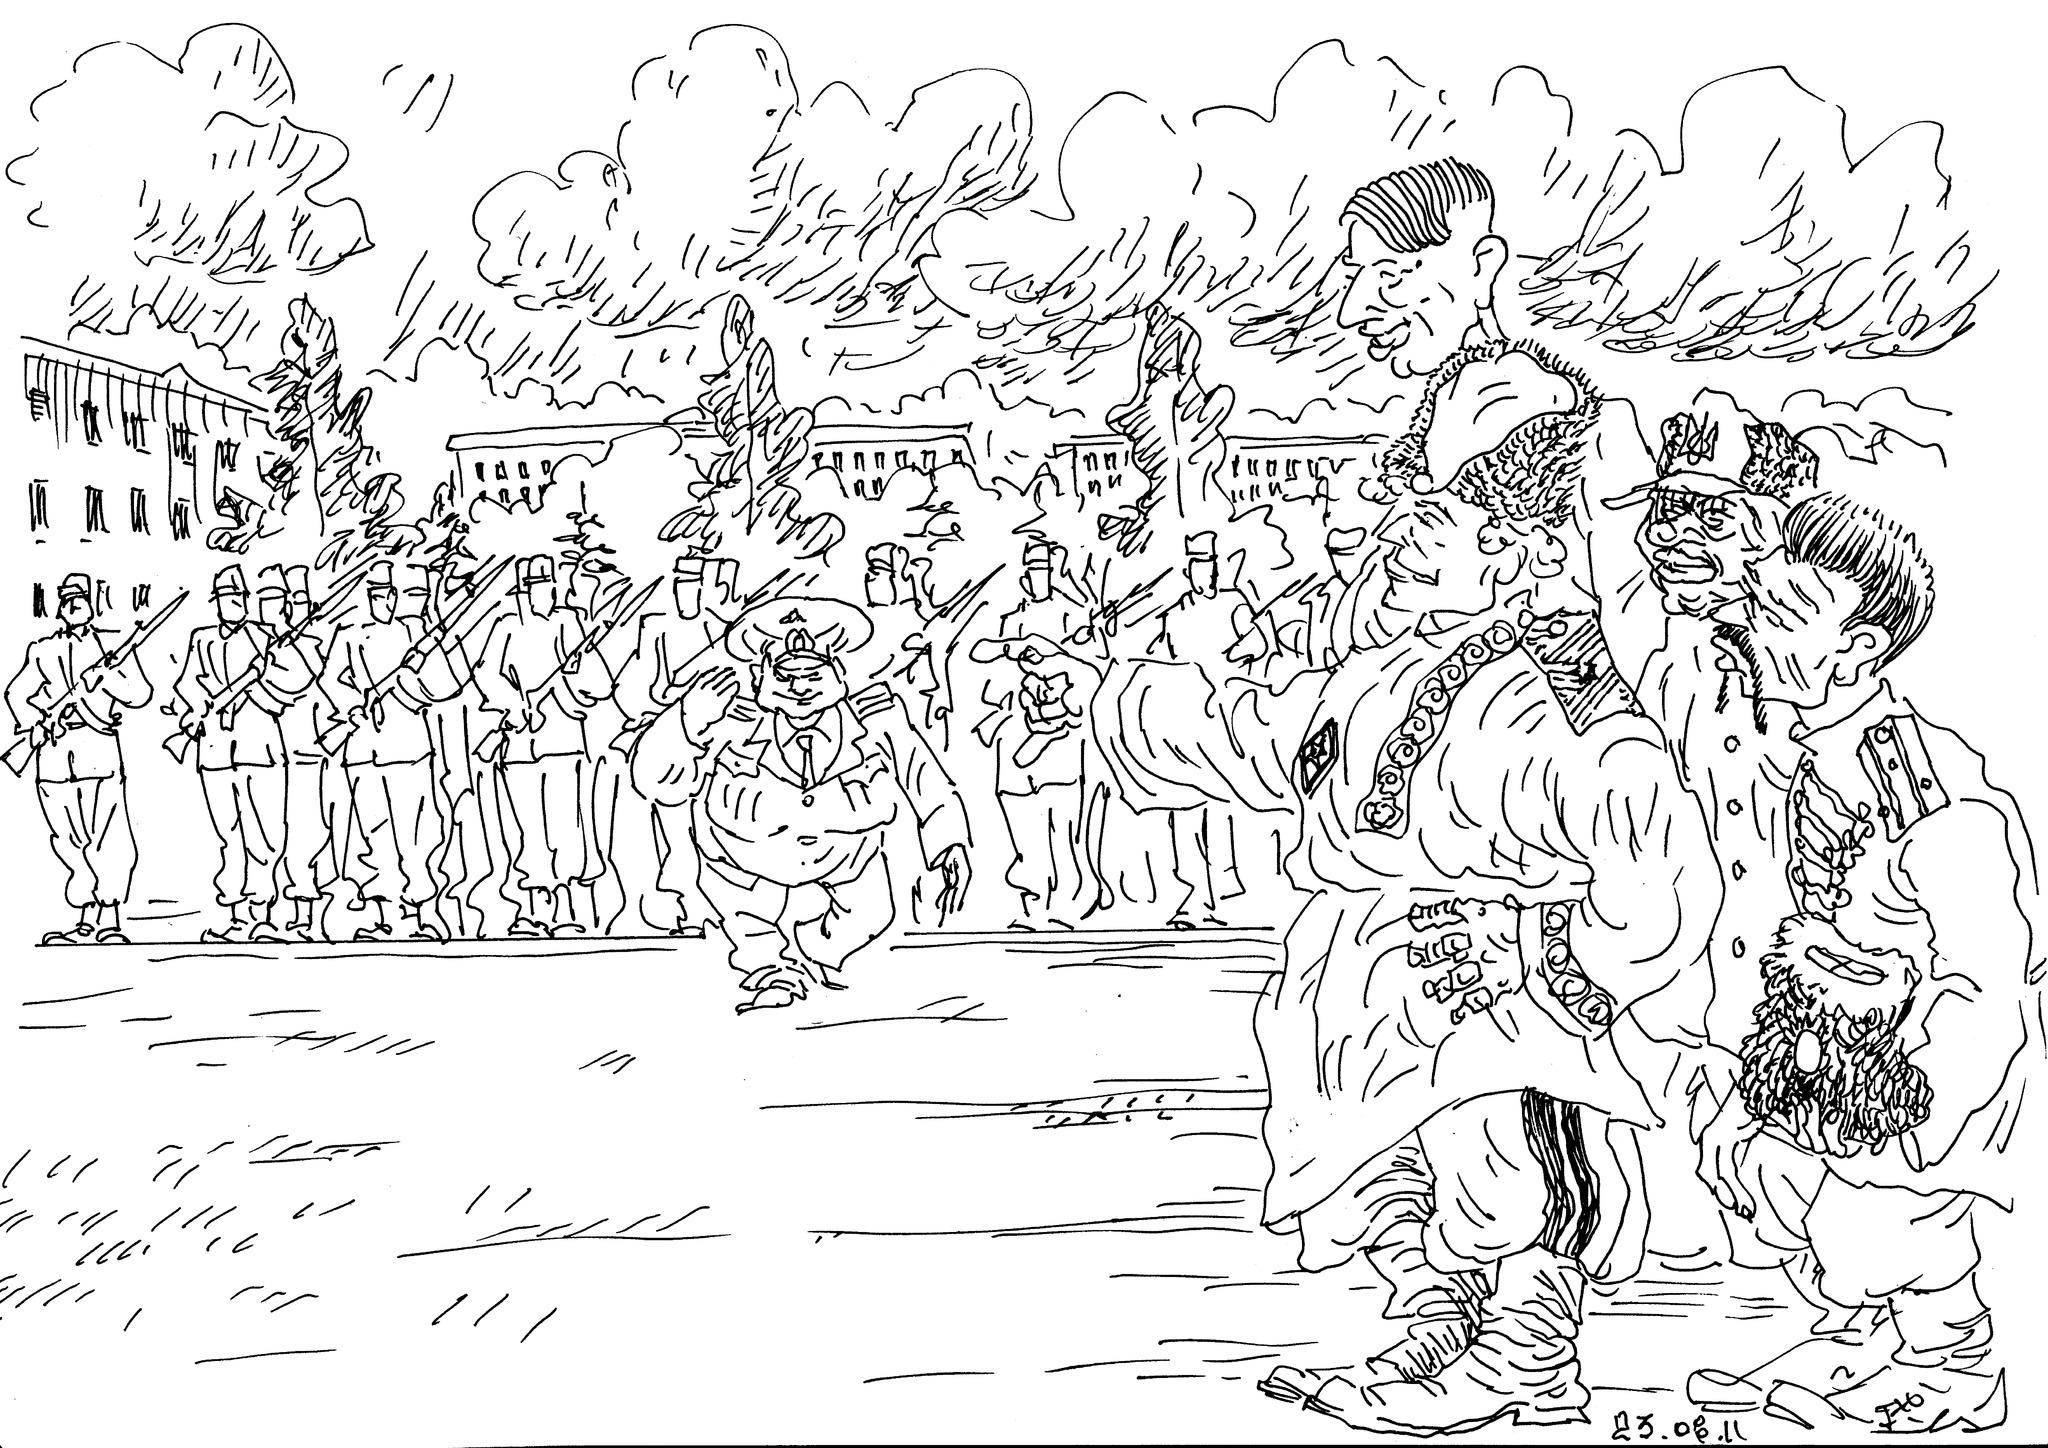 Войска обучаются действиям по командам на «ридной мови»